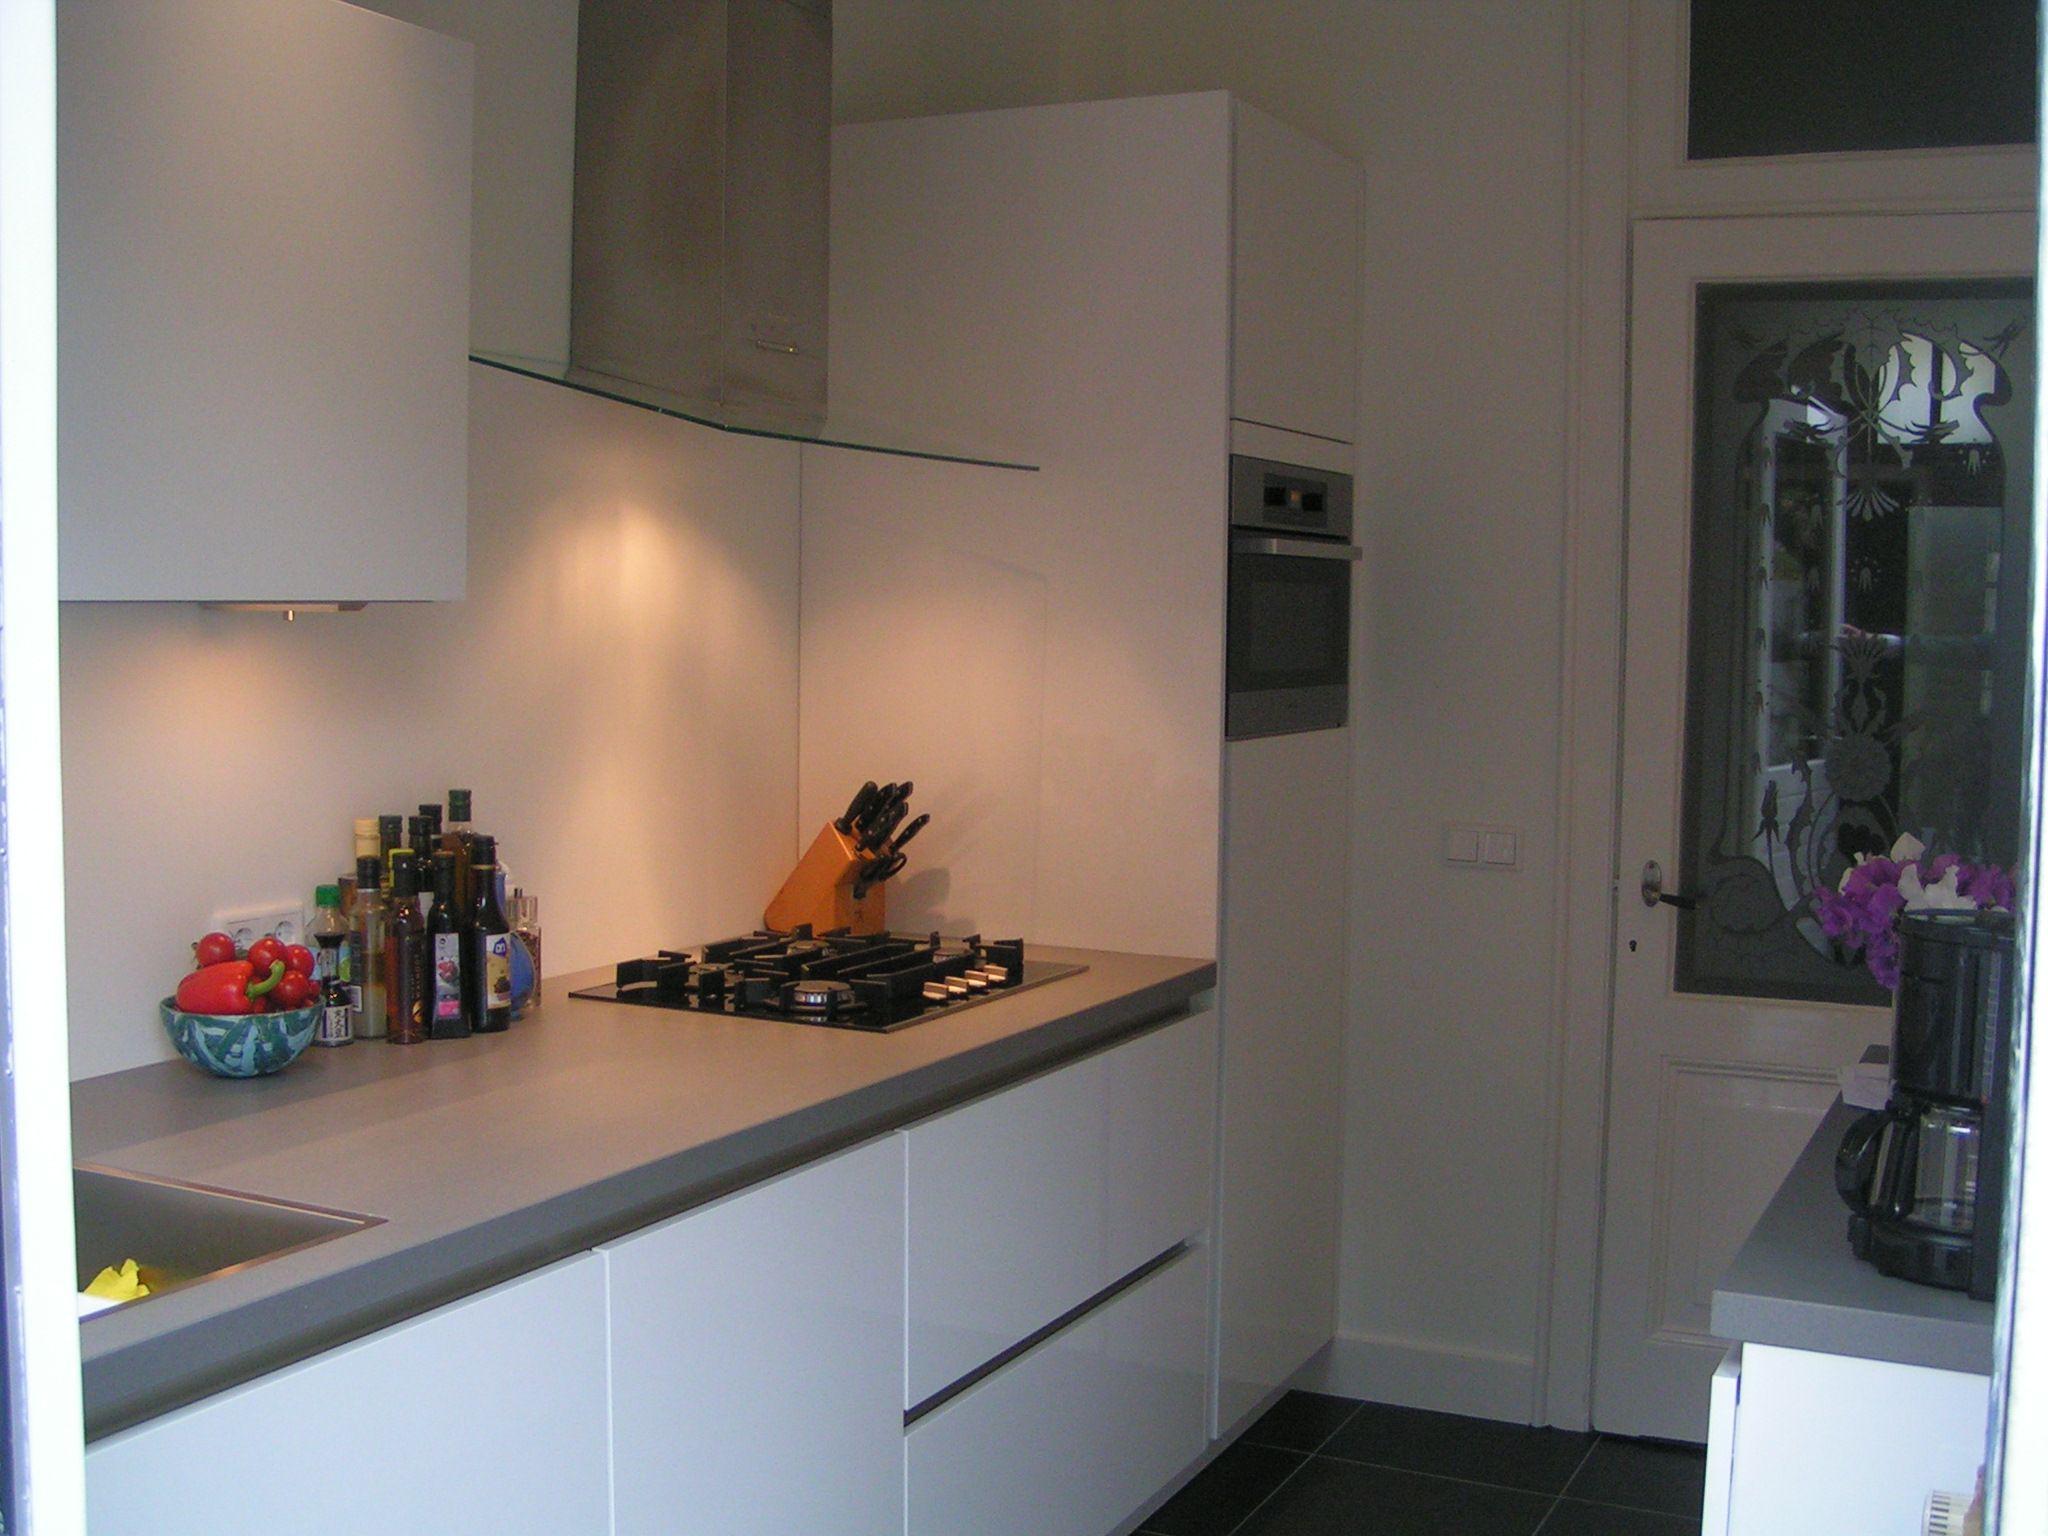 Keuken Design Hilversum : Lotuswit hoogglans greeploze keuken met edelstaal greeplijst en